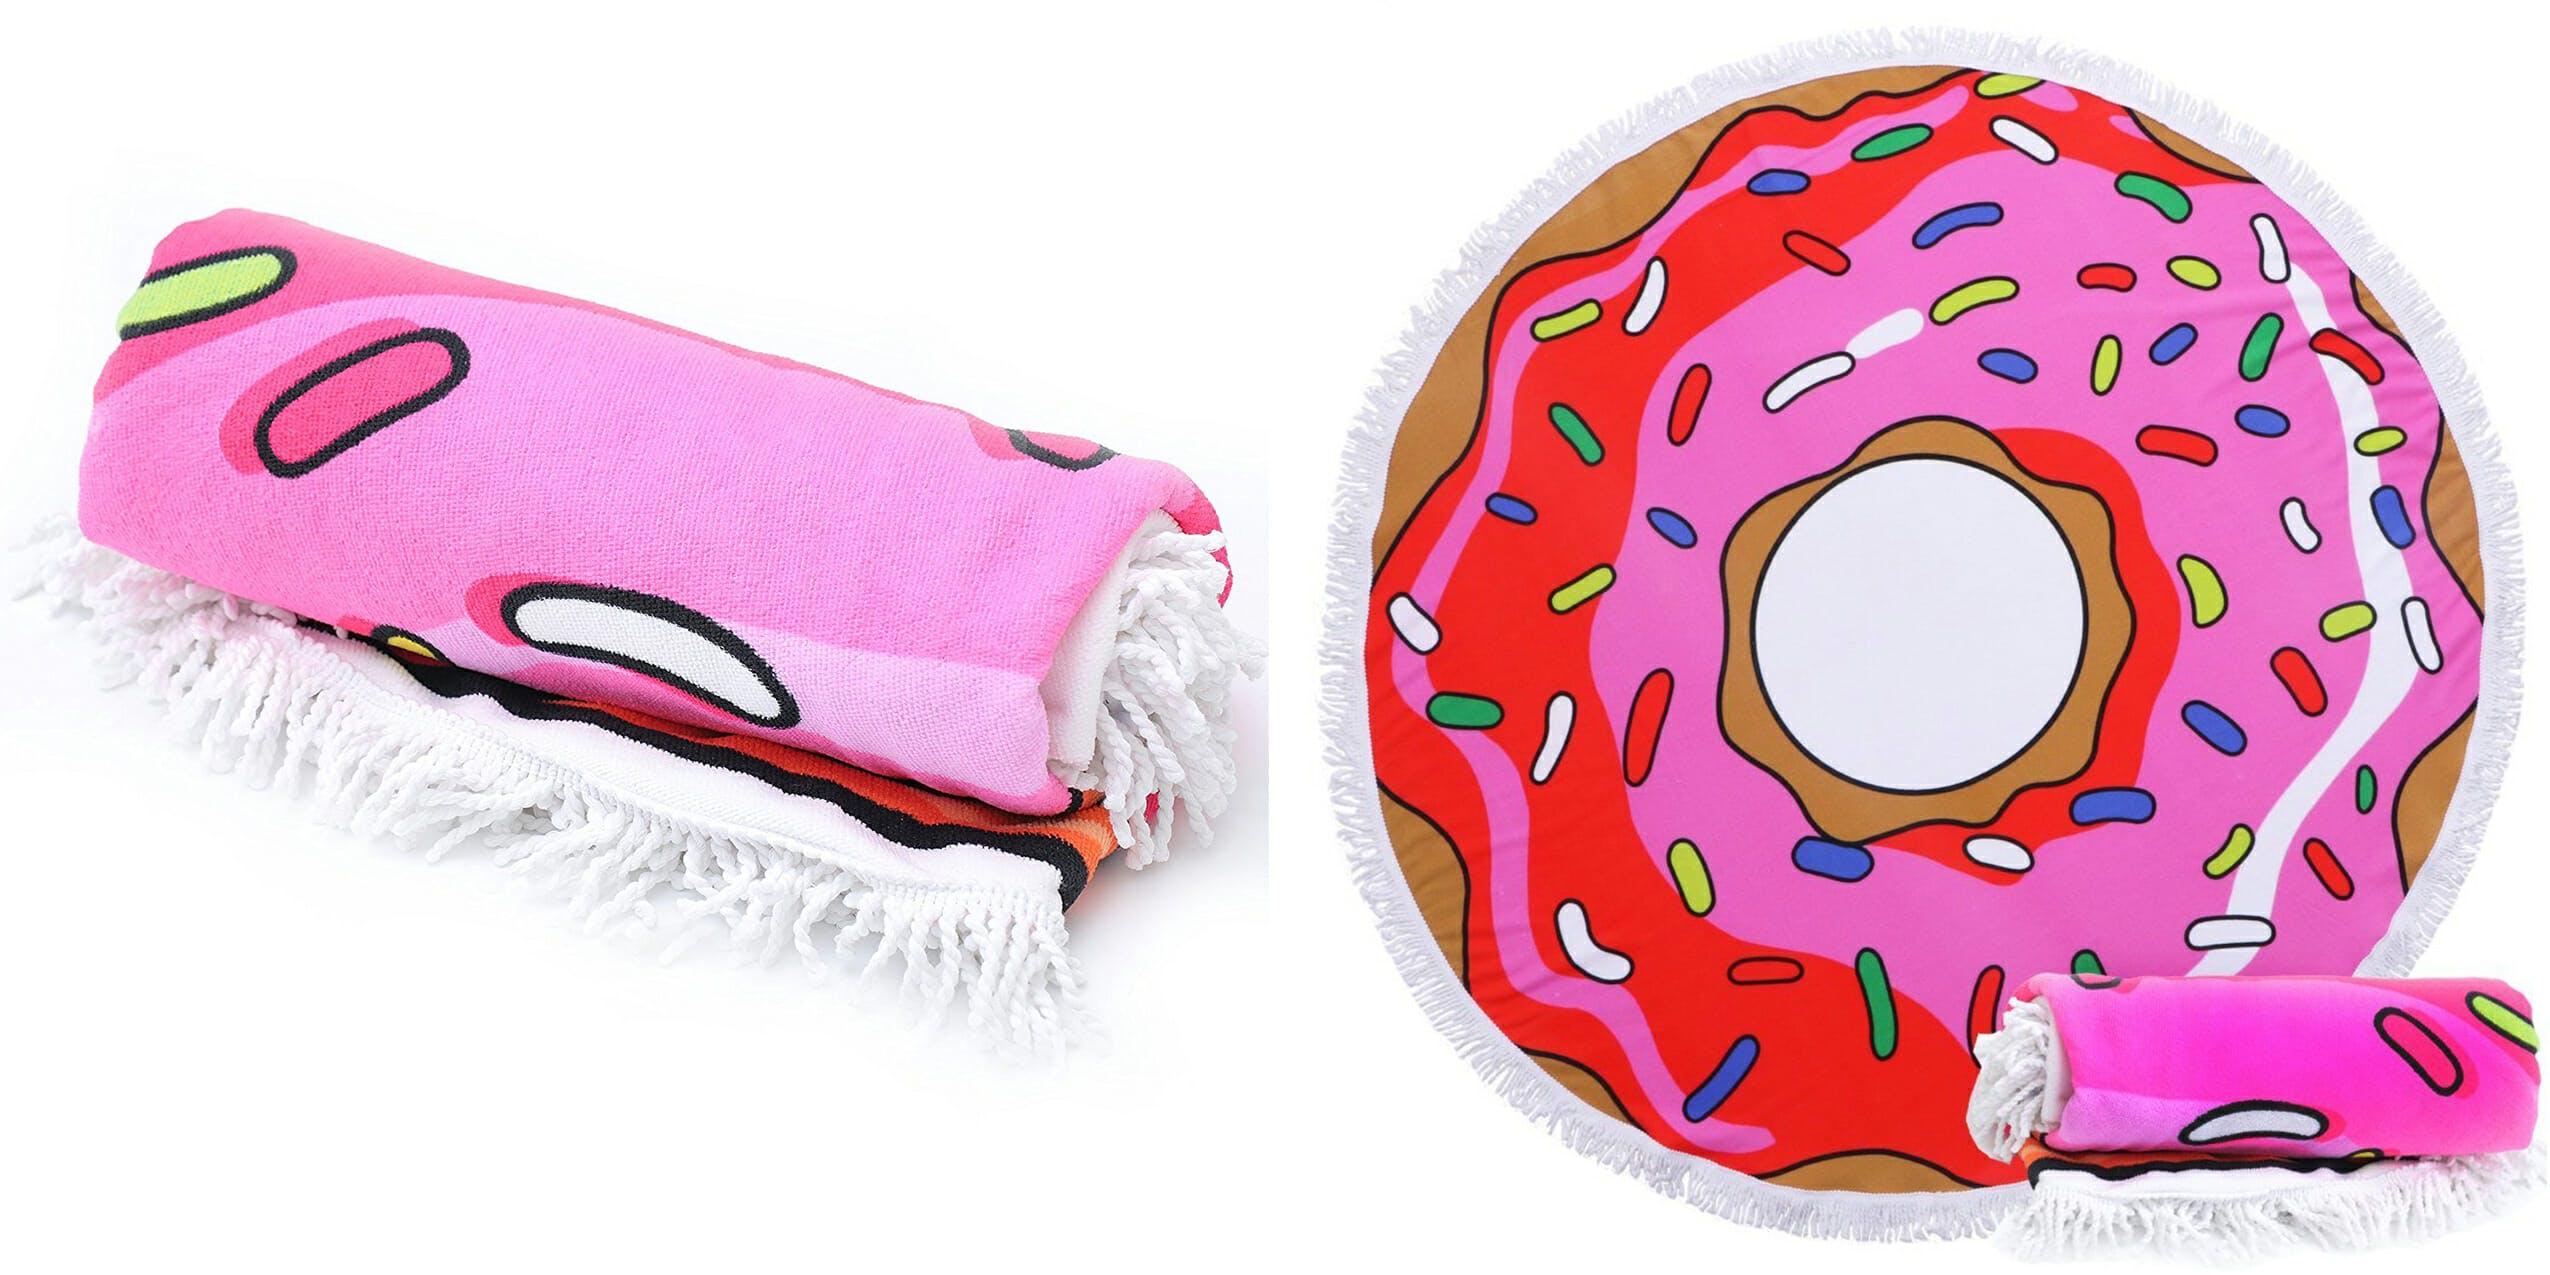 donut swag